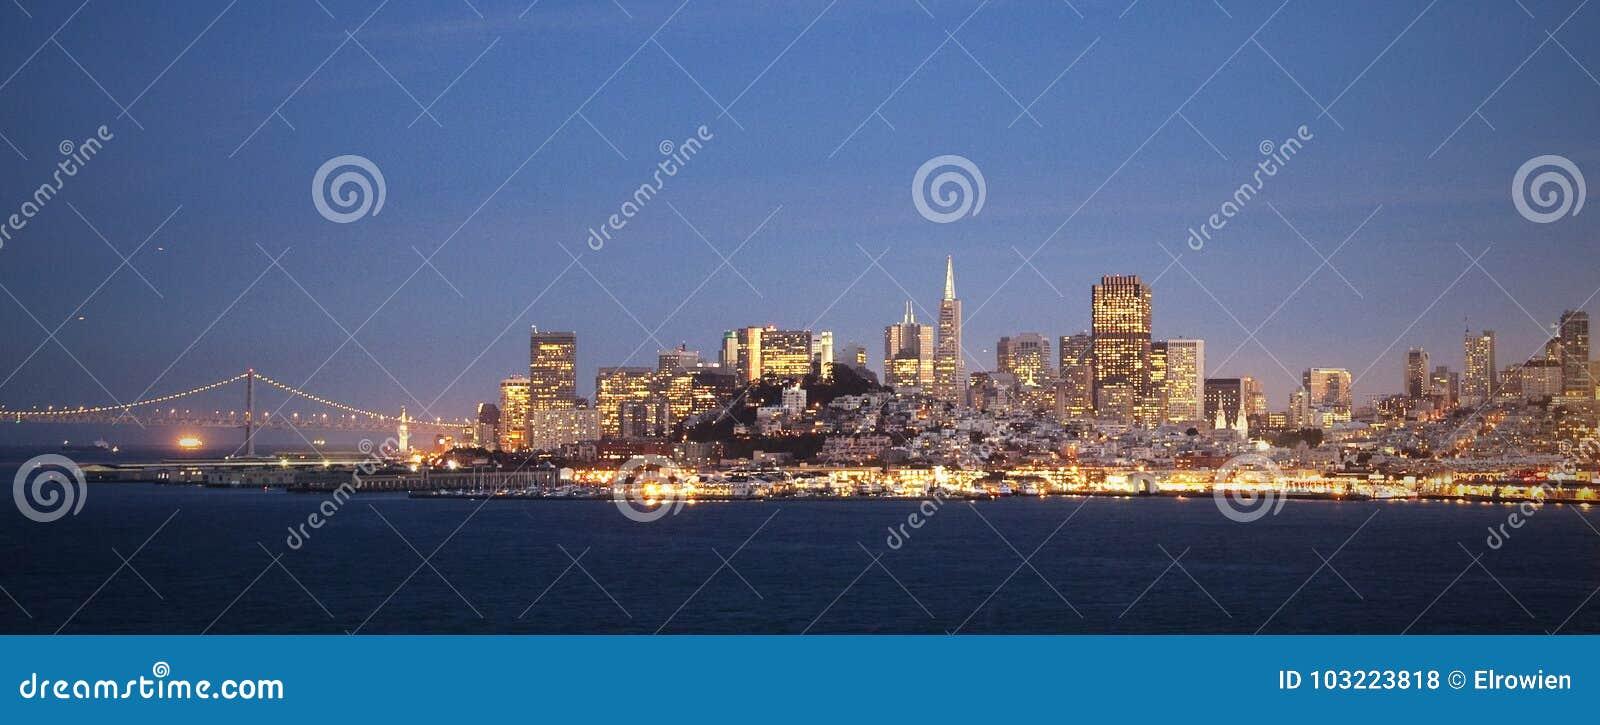 San Francisco horisont vid natt